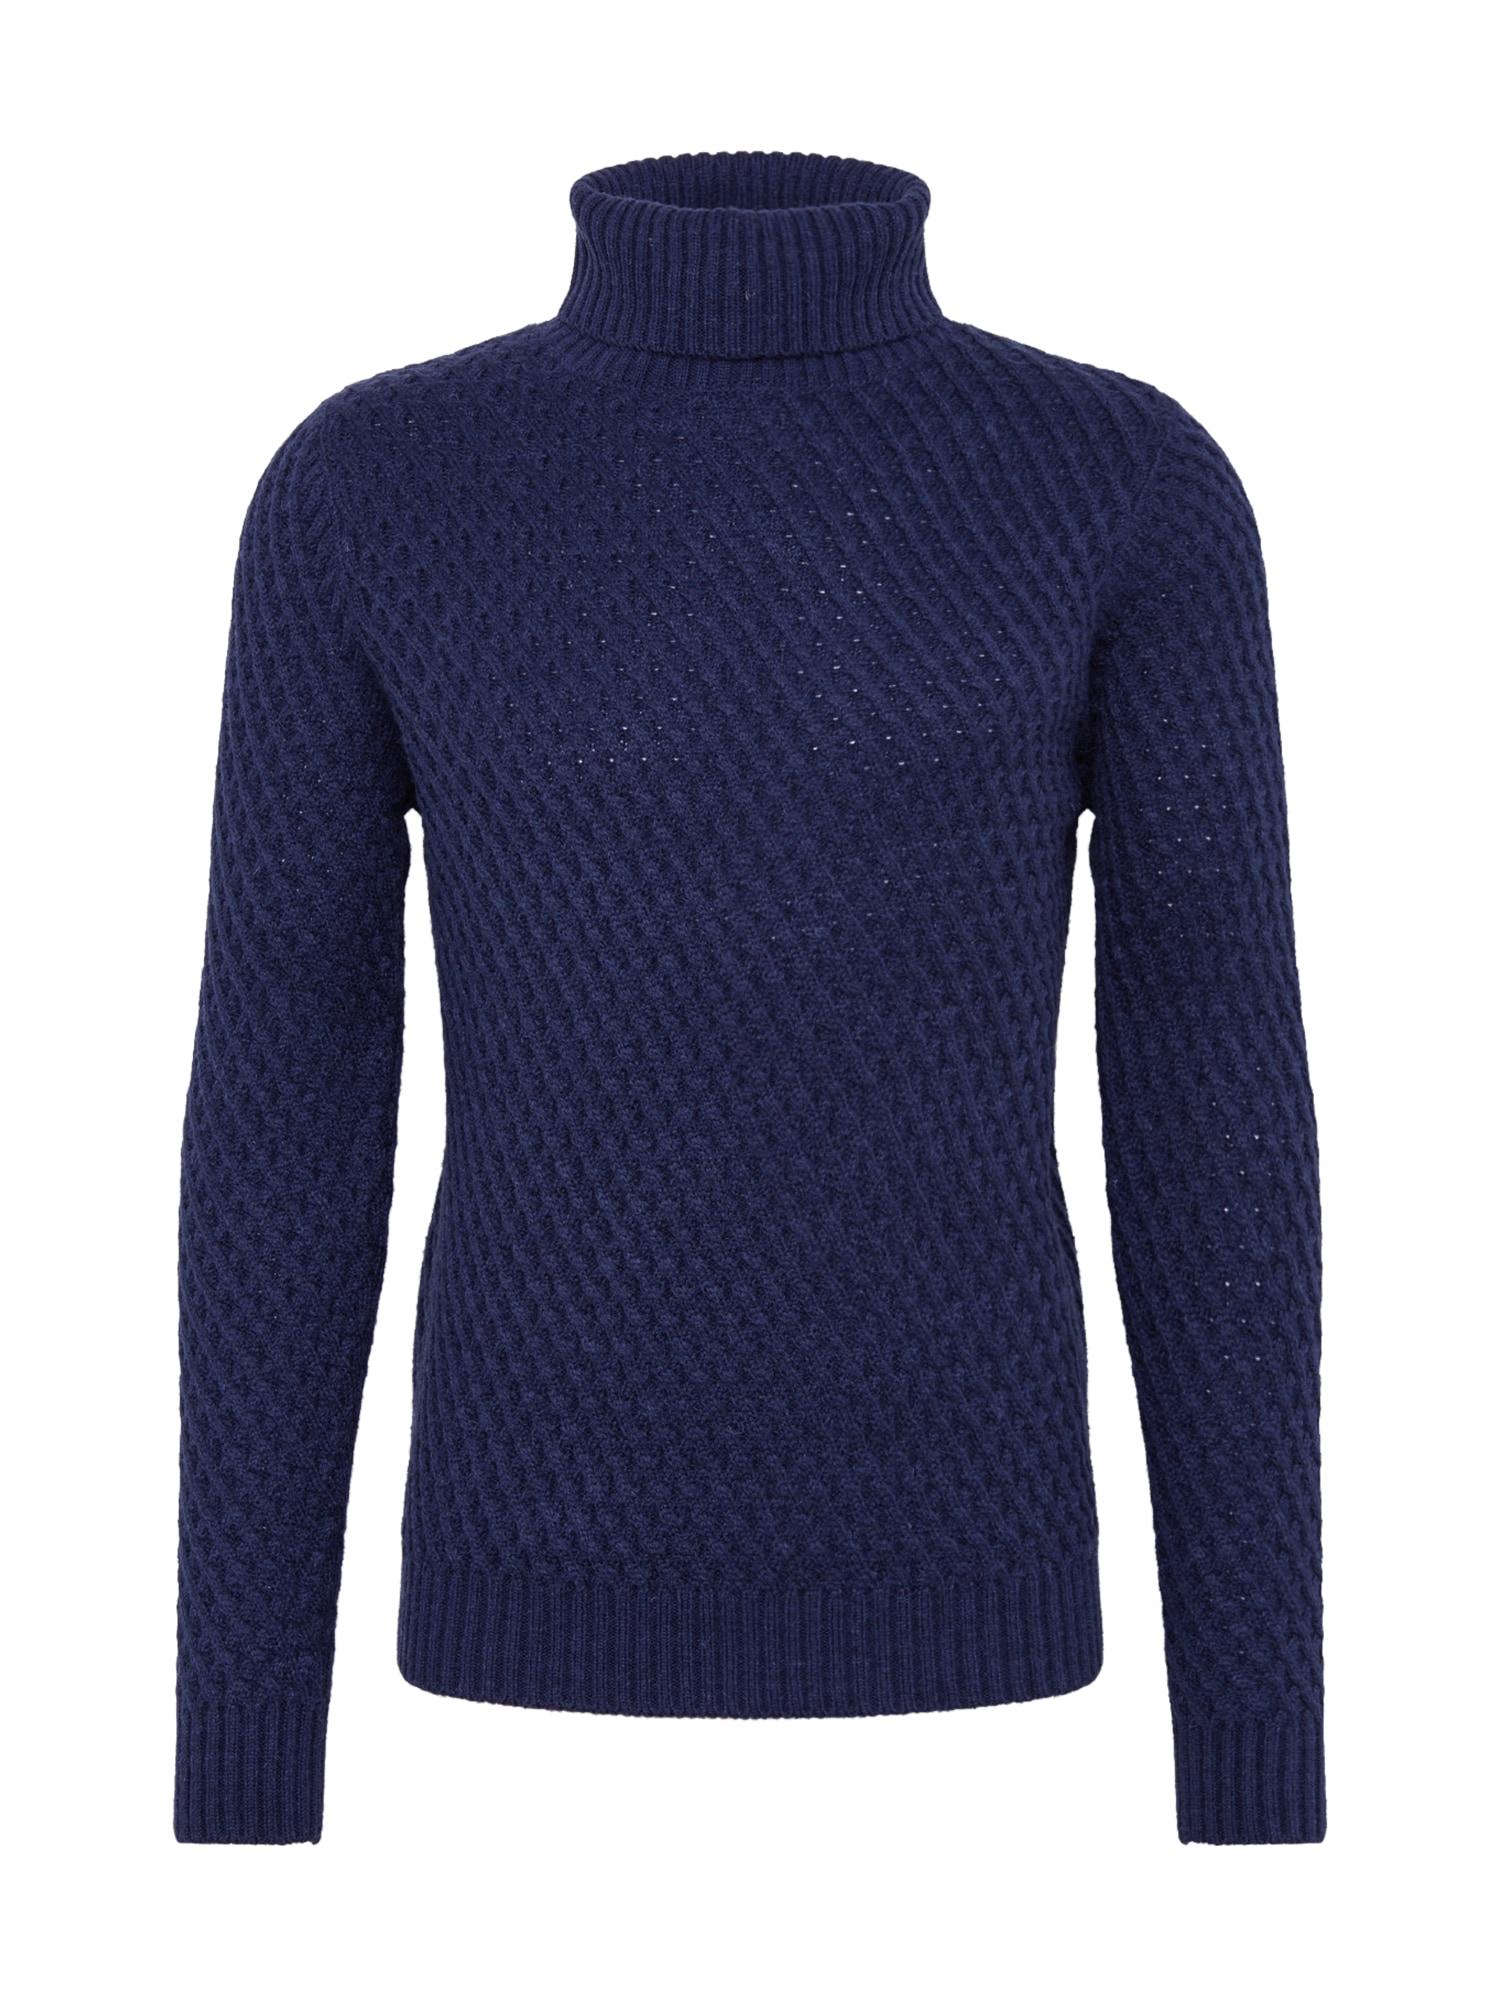 BURTON MENSWEAR LONDON Megztinis 'Valby' tamsiai mėlyna